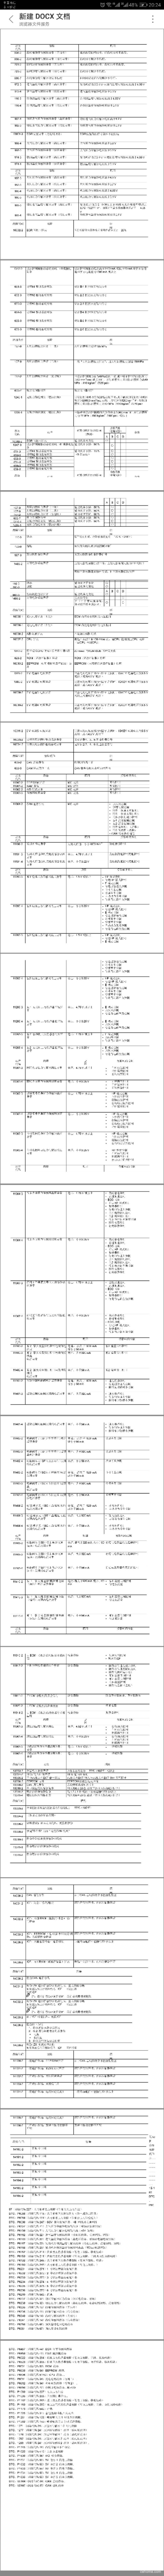 挖机维修故障代码表,日立故障代码大全帖子图片